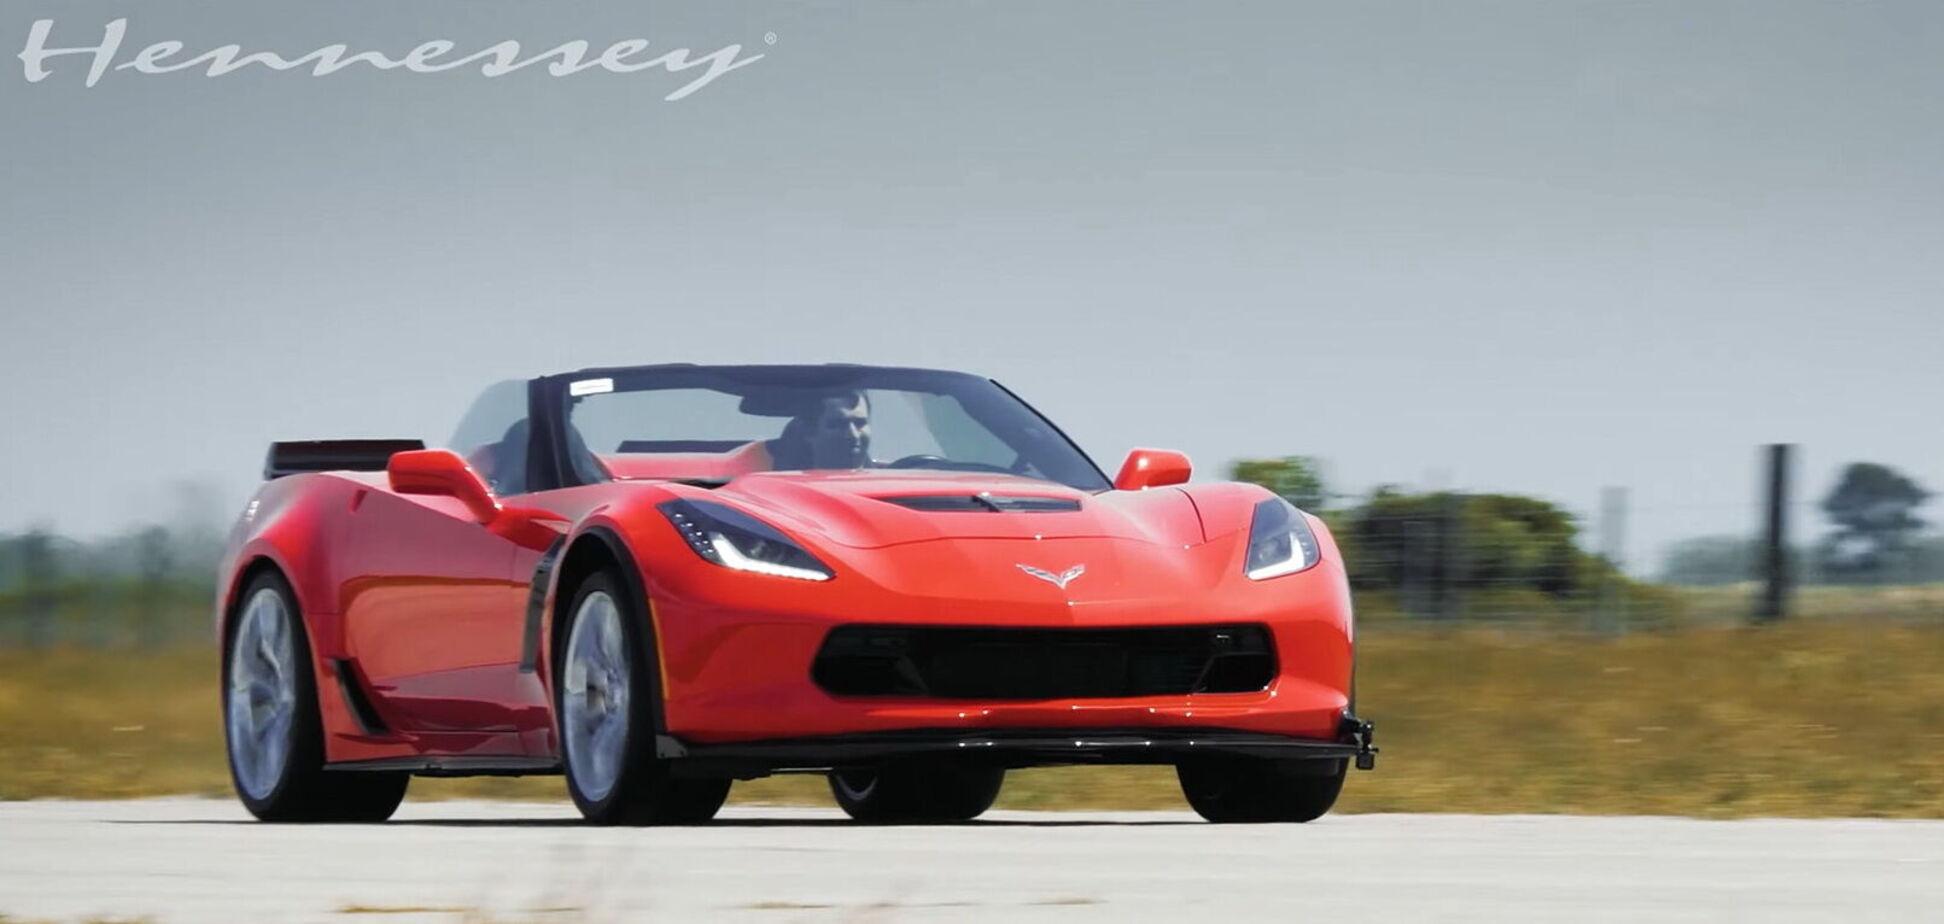 Hennessey Performance перетворив Corvette на справжнього монстра. Відео